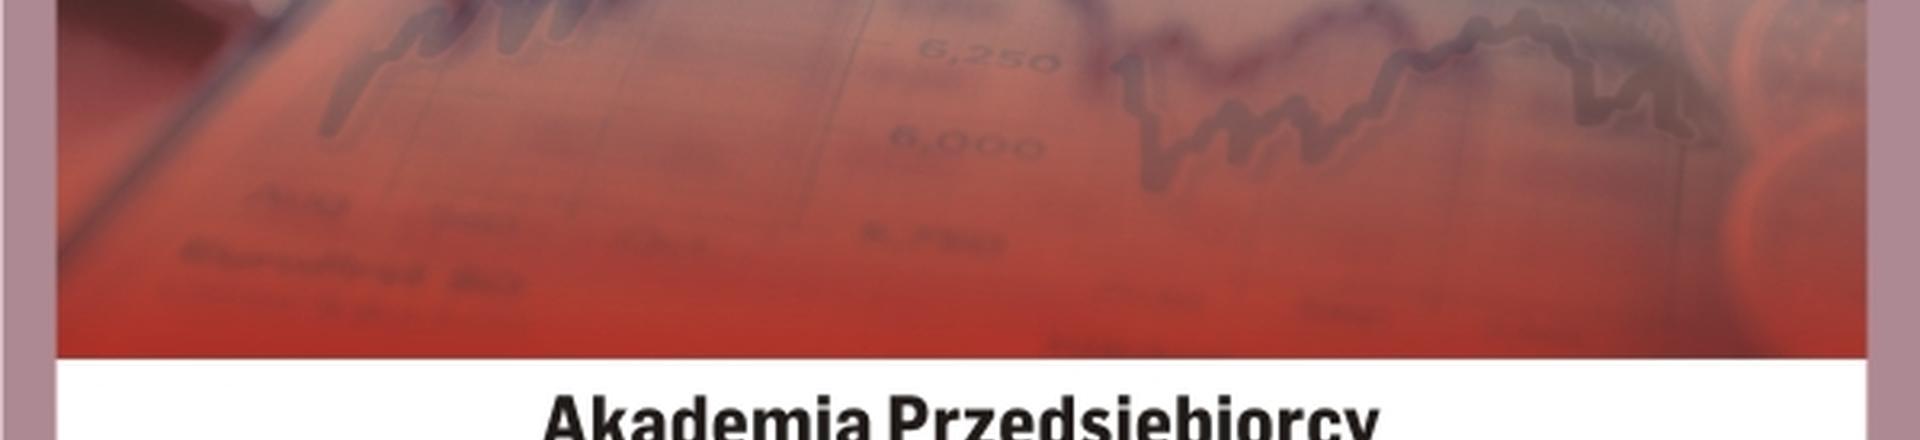 Cykl Akademia Przedsiębiorcy: Kapitał i bezpieczeństwo Twojej firmy - Katowice